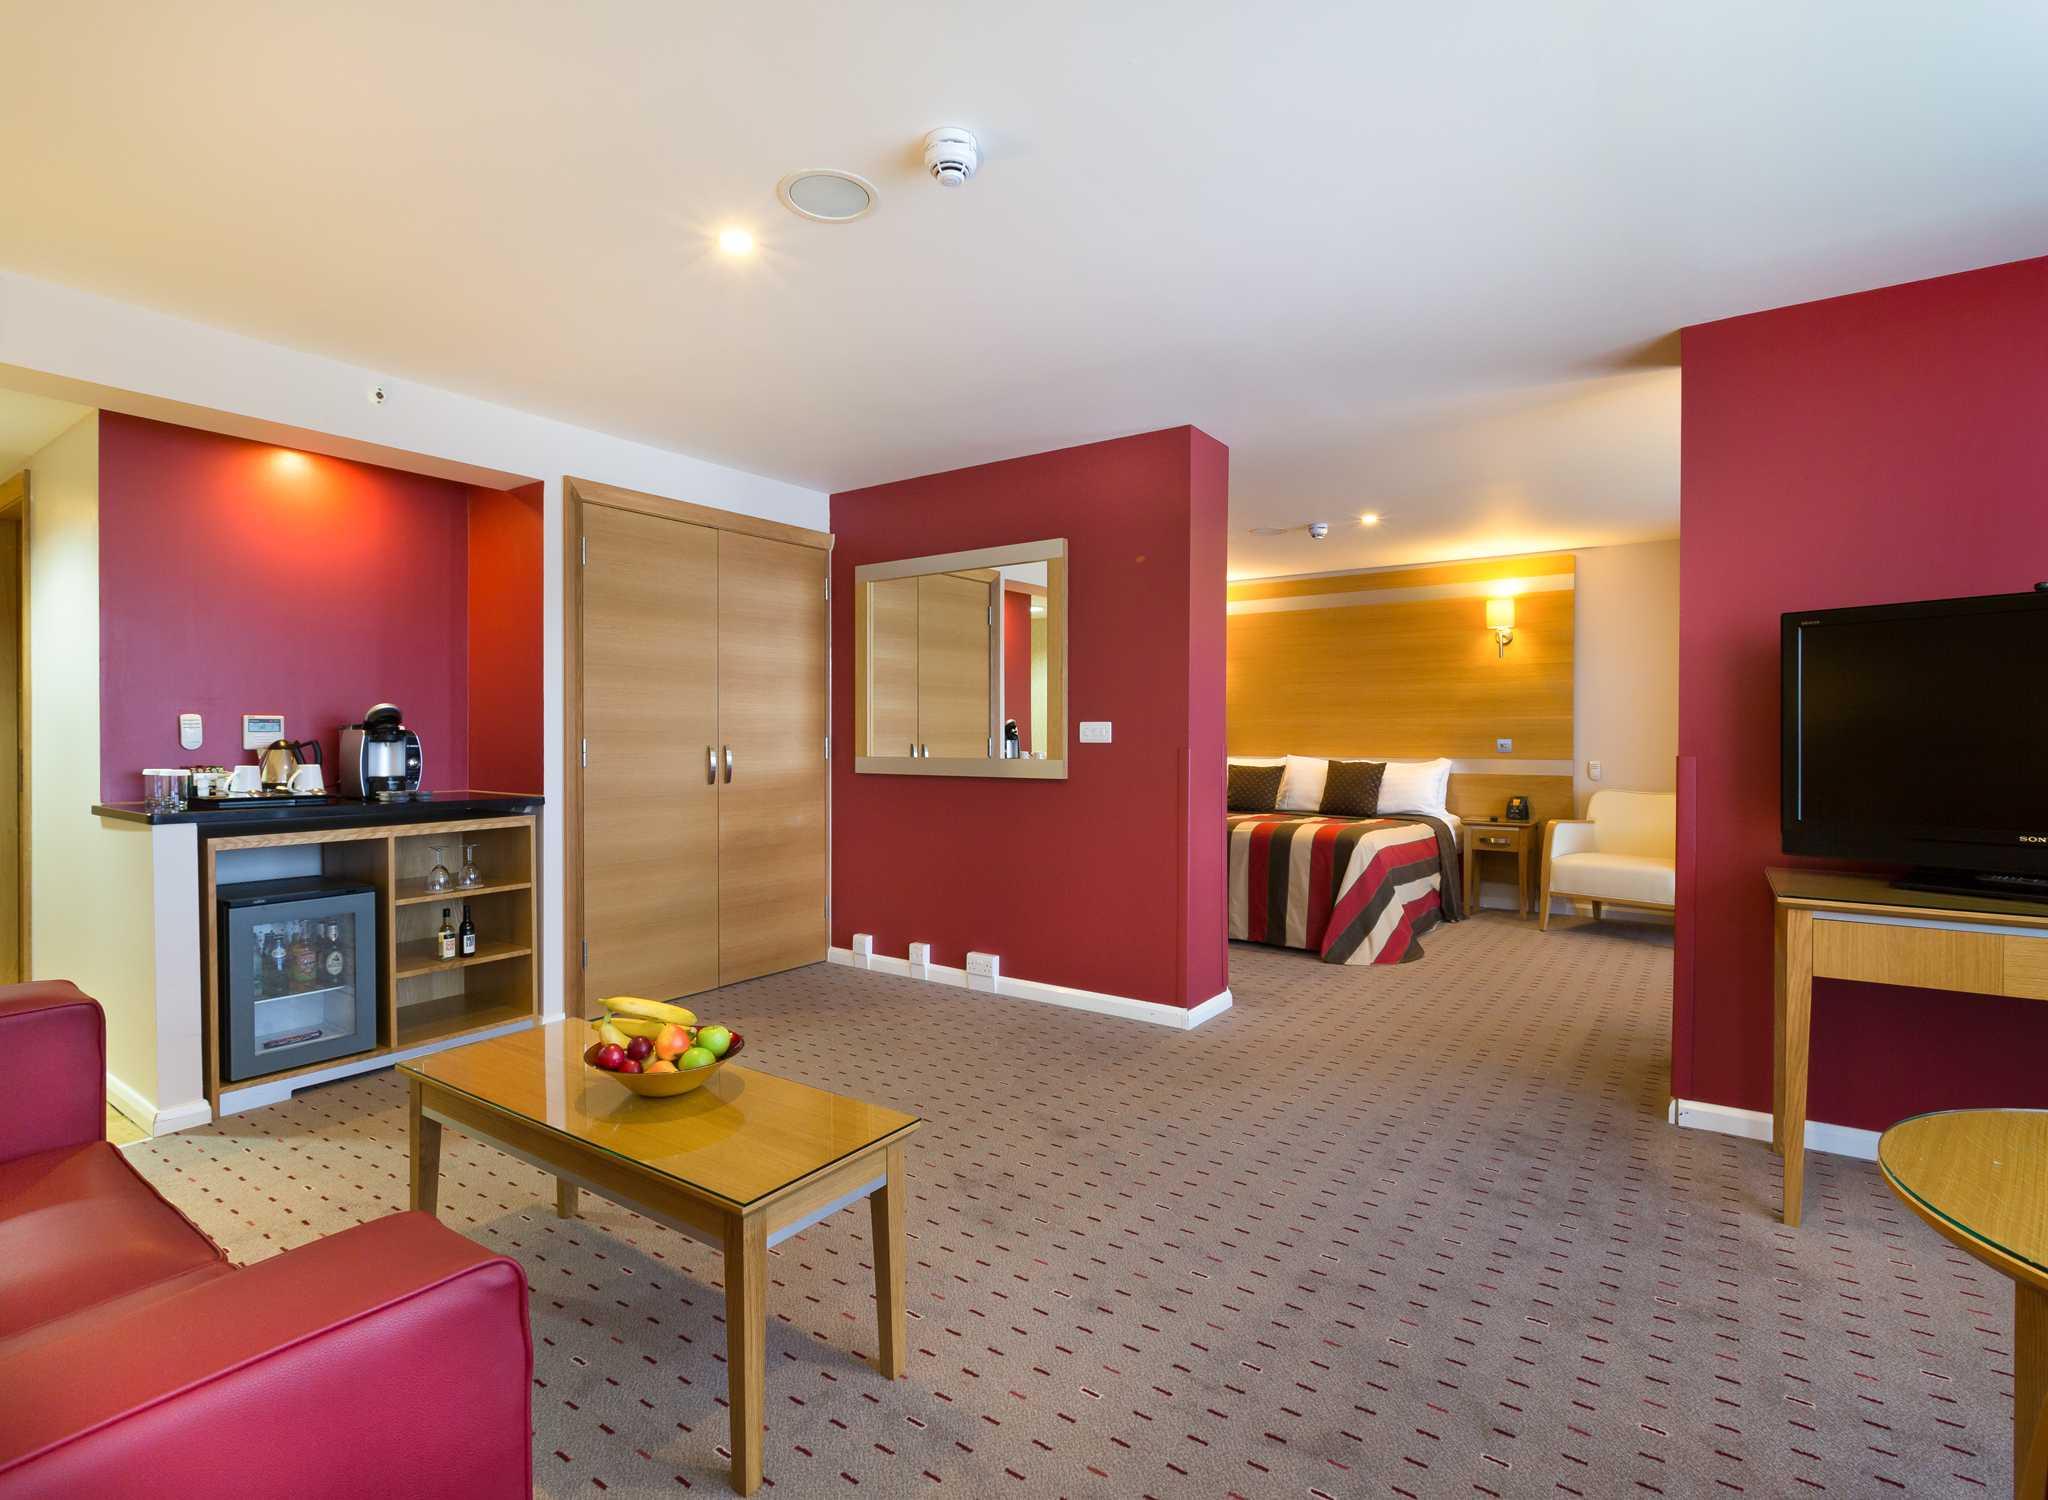 DoubleTree By Hilton Milton Keynes Grossbritannien Suite